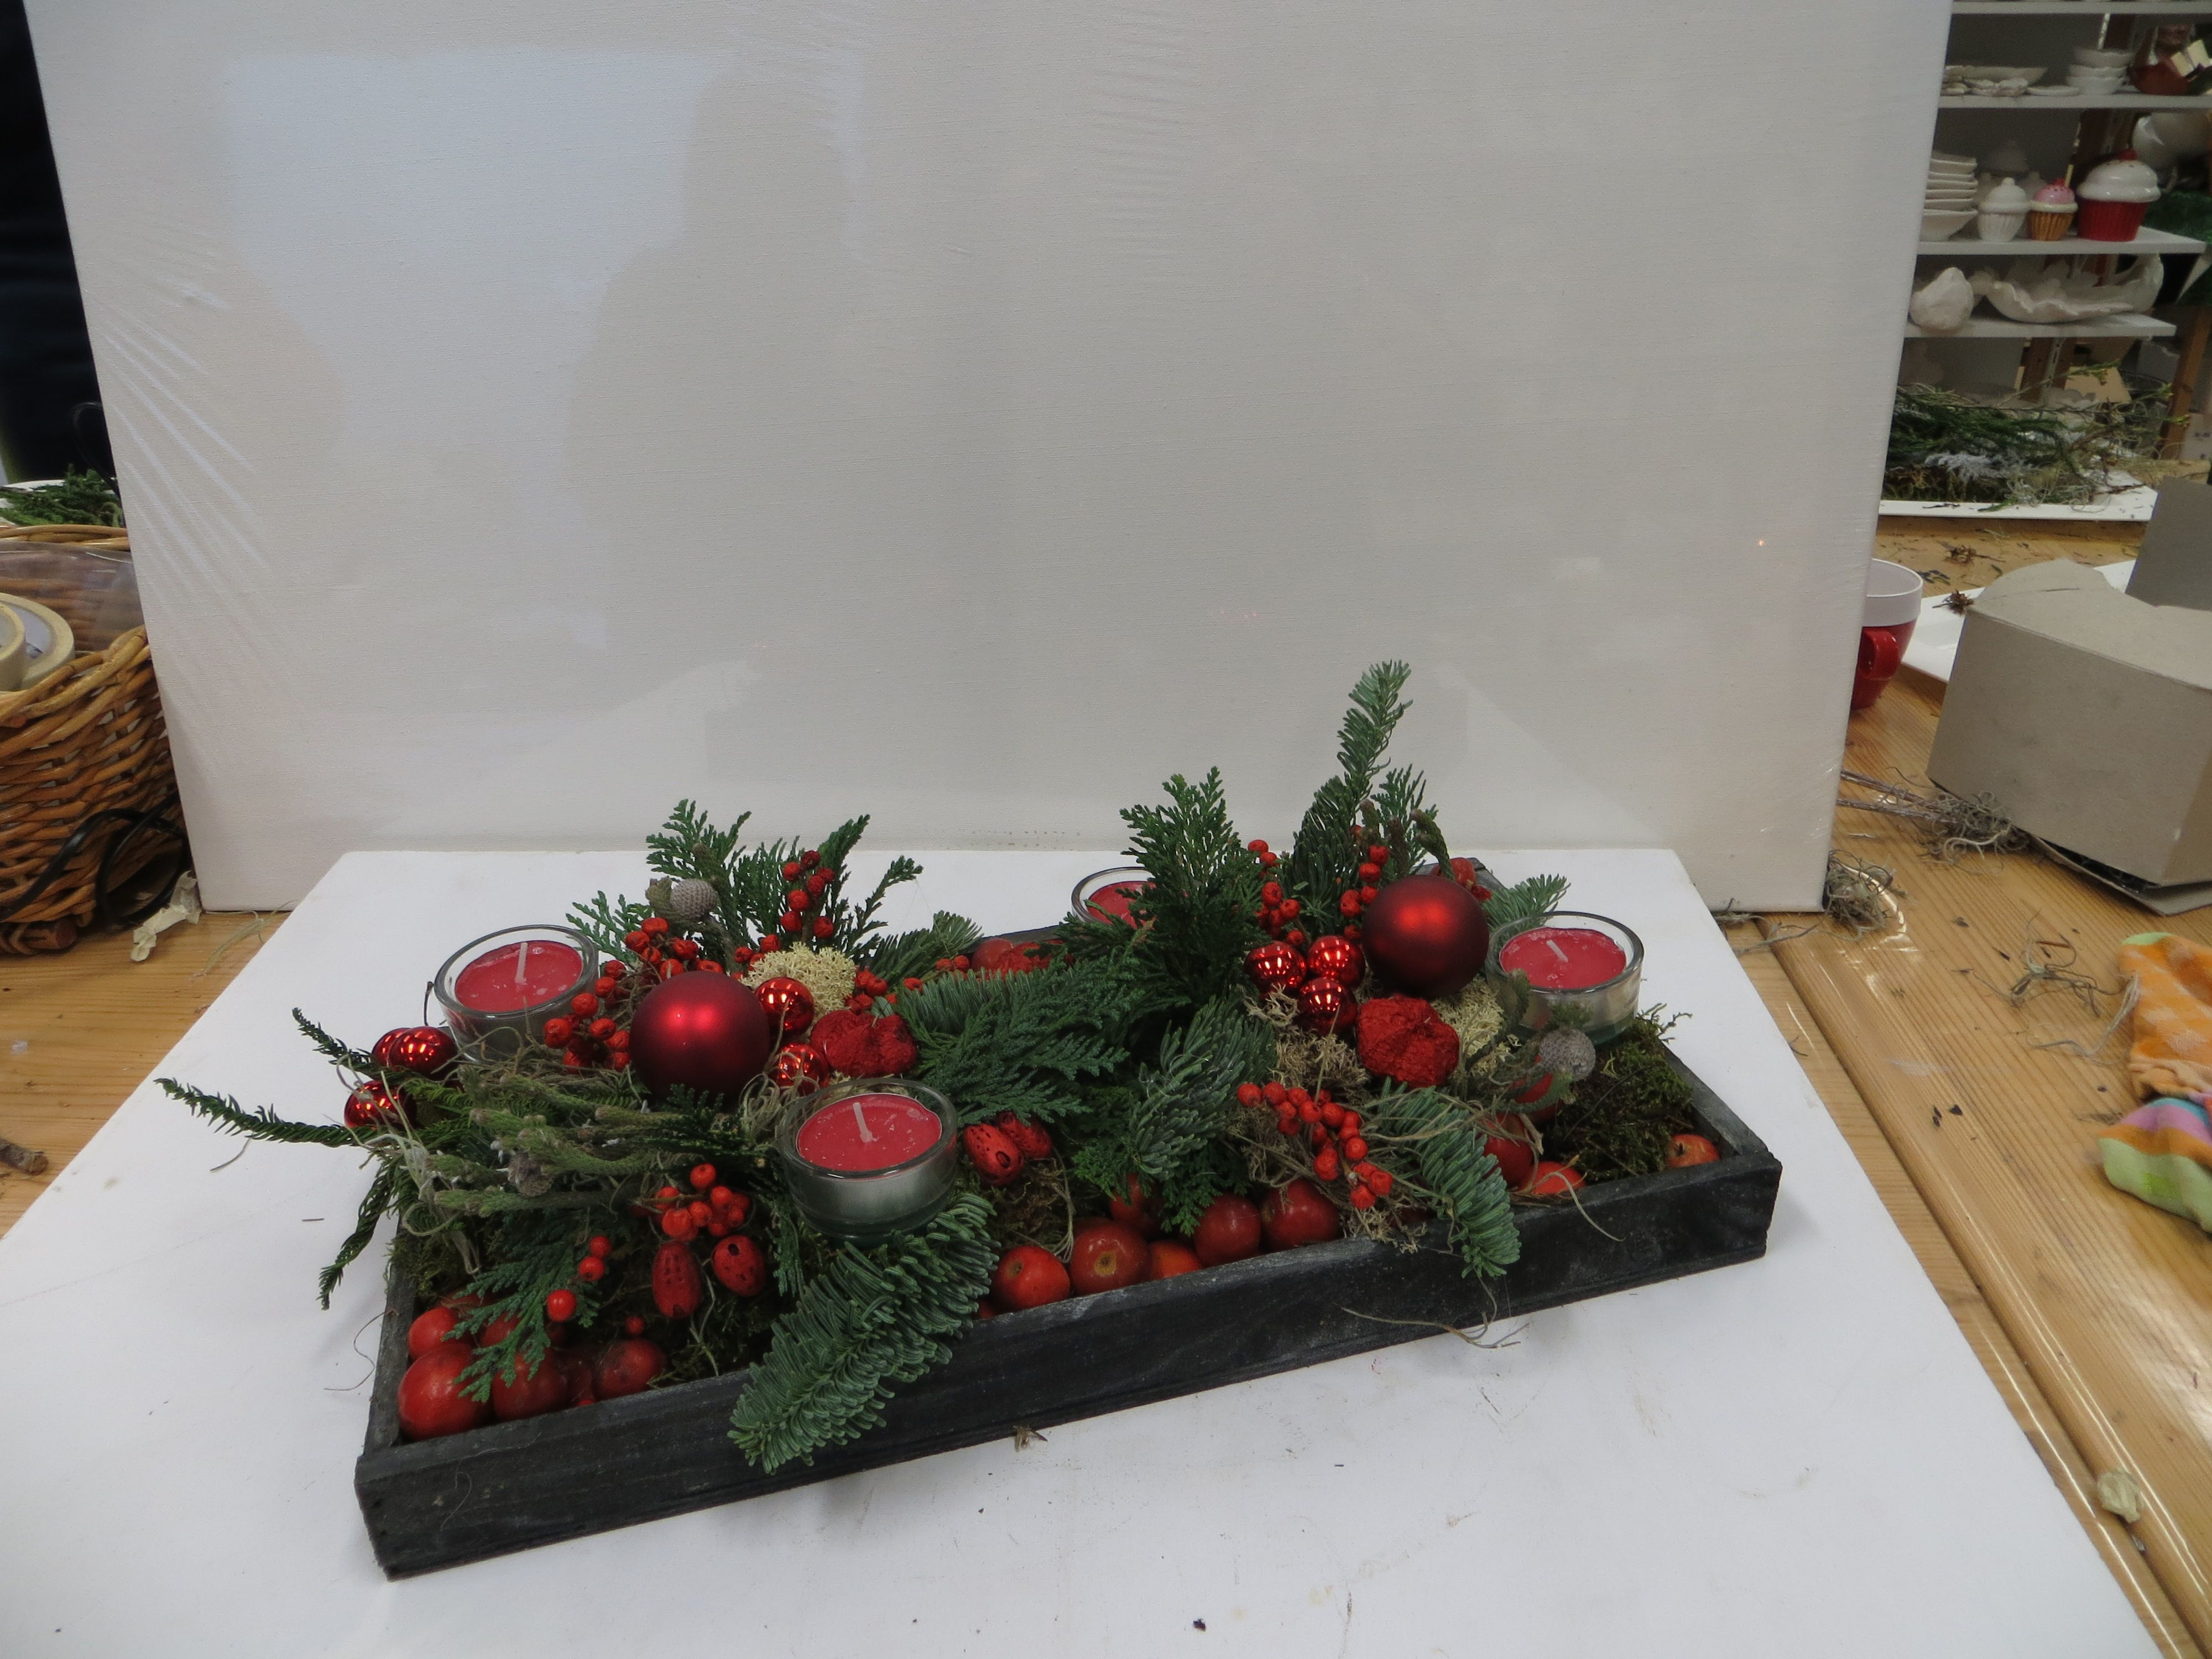 Kerst voorbeeld houten bakje gevuld met kerst appels en